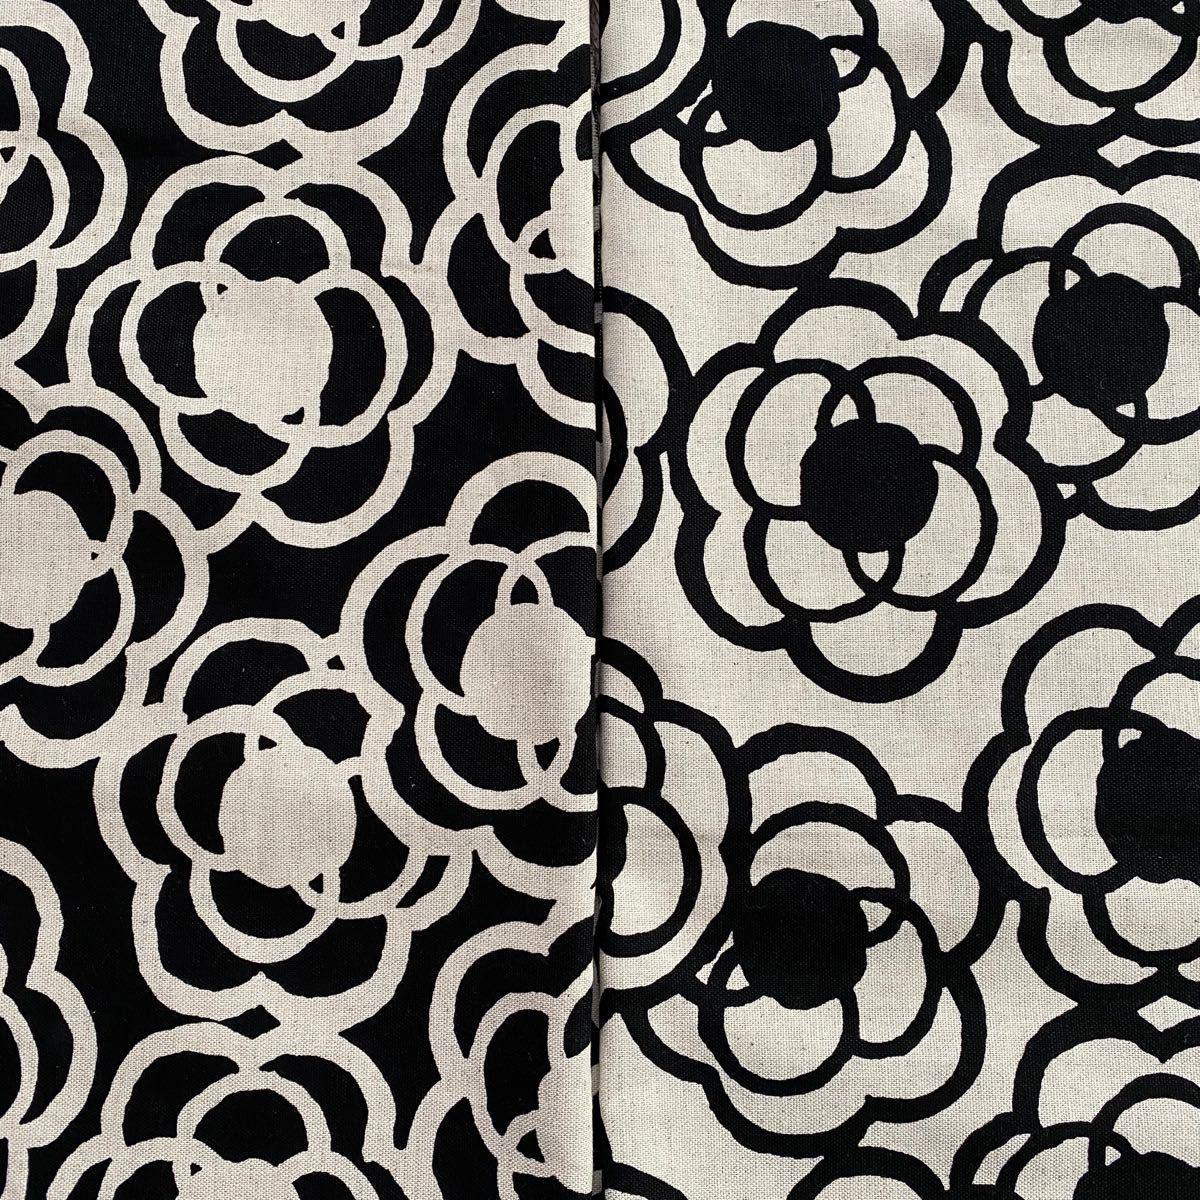 [ 専用です ]薔薇柄 黒50cm/ カメリア柄2色/ ダリア柄1m